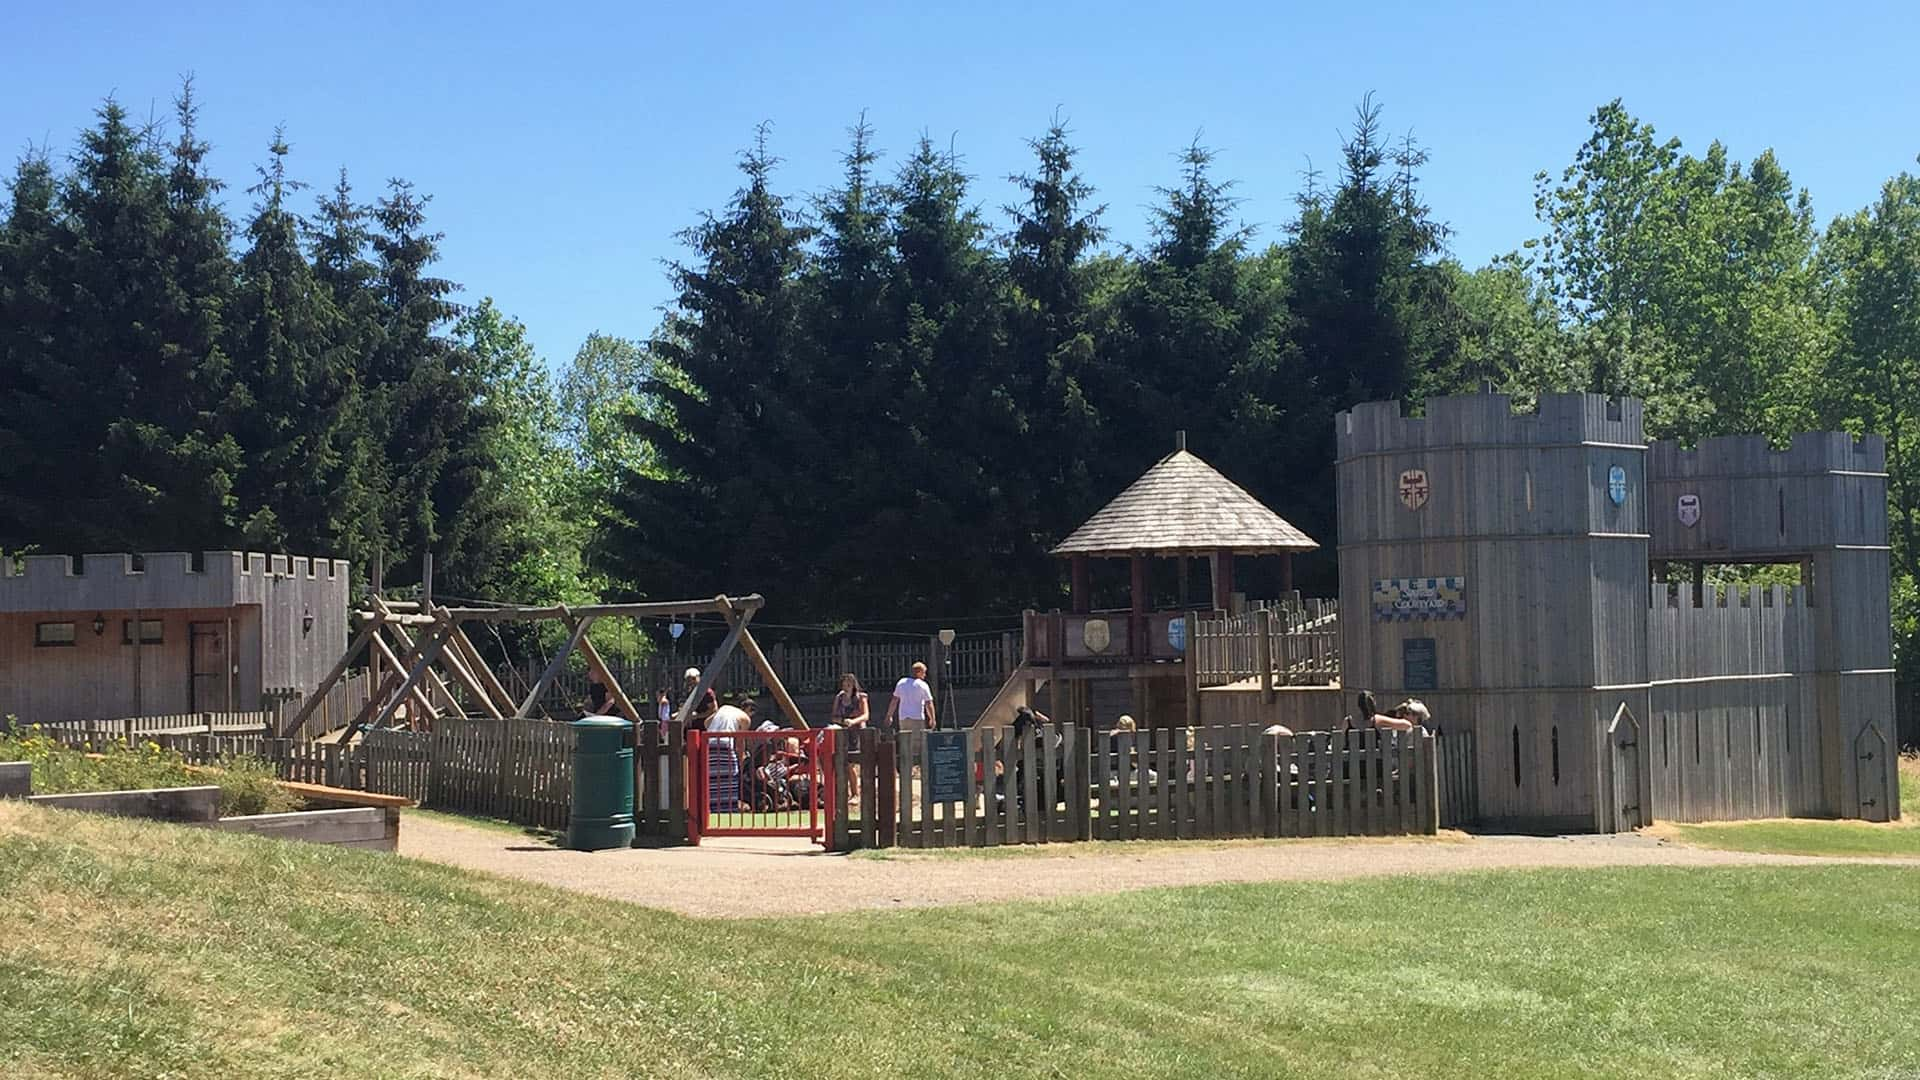 Leeds Castle play park